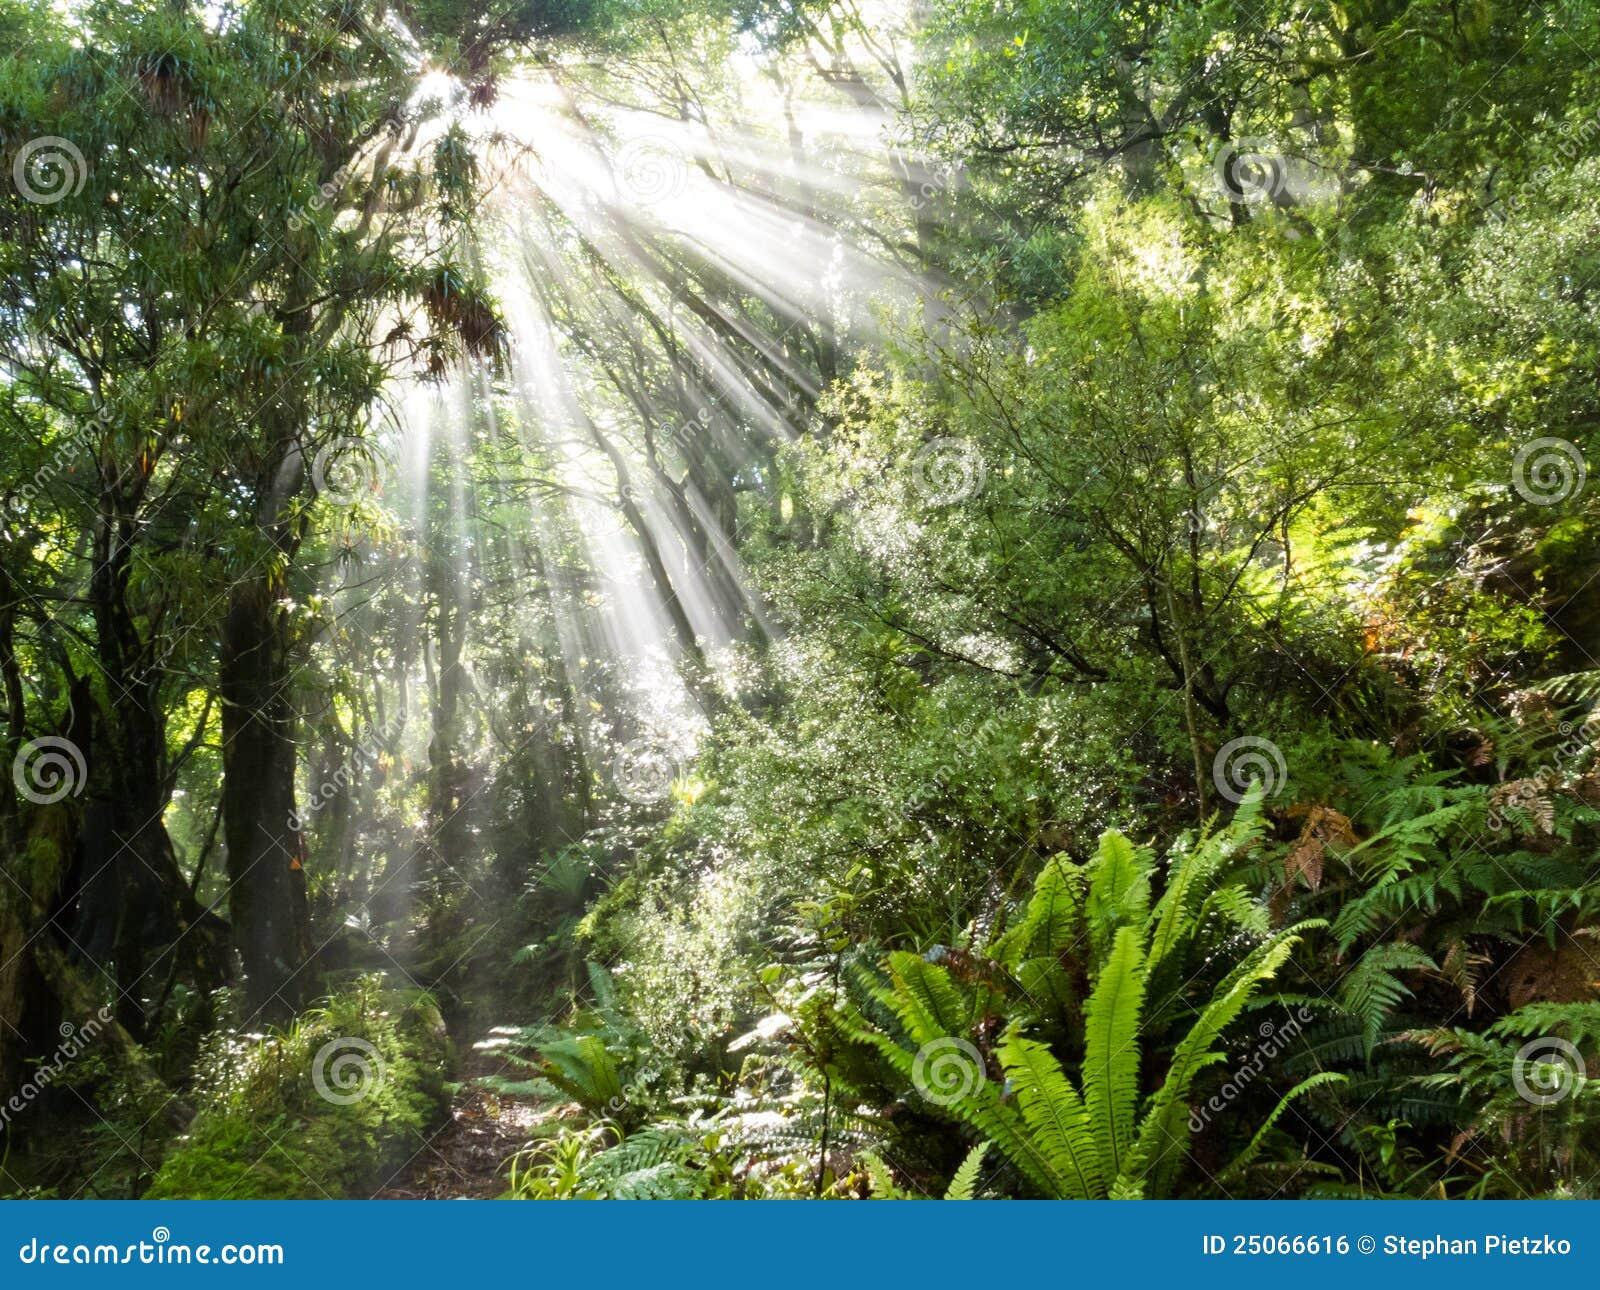 Les rayons de la lumière du soleil rayonnent la jungle tropicale dense de cuvette